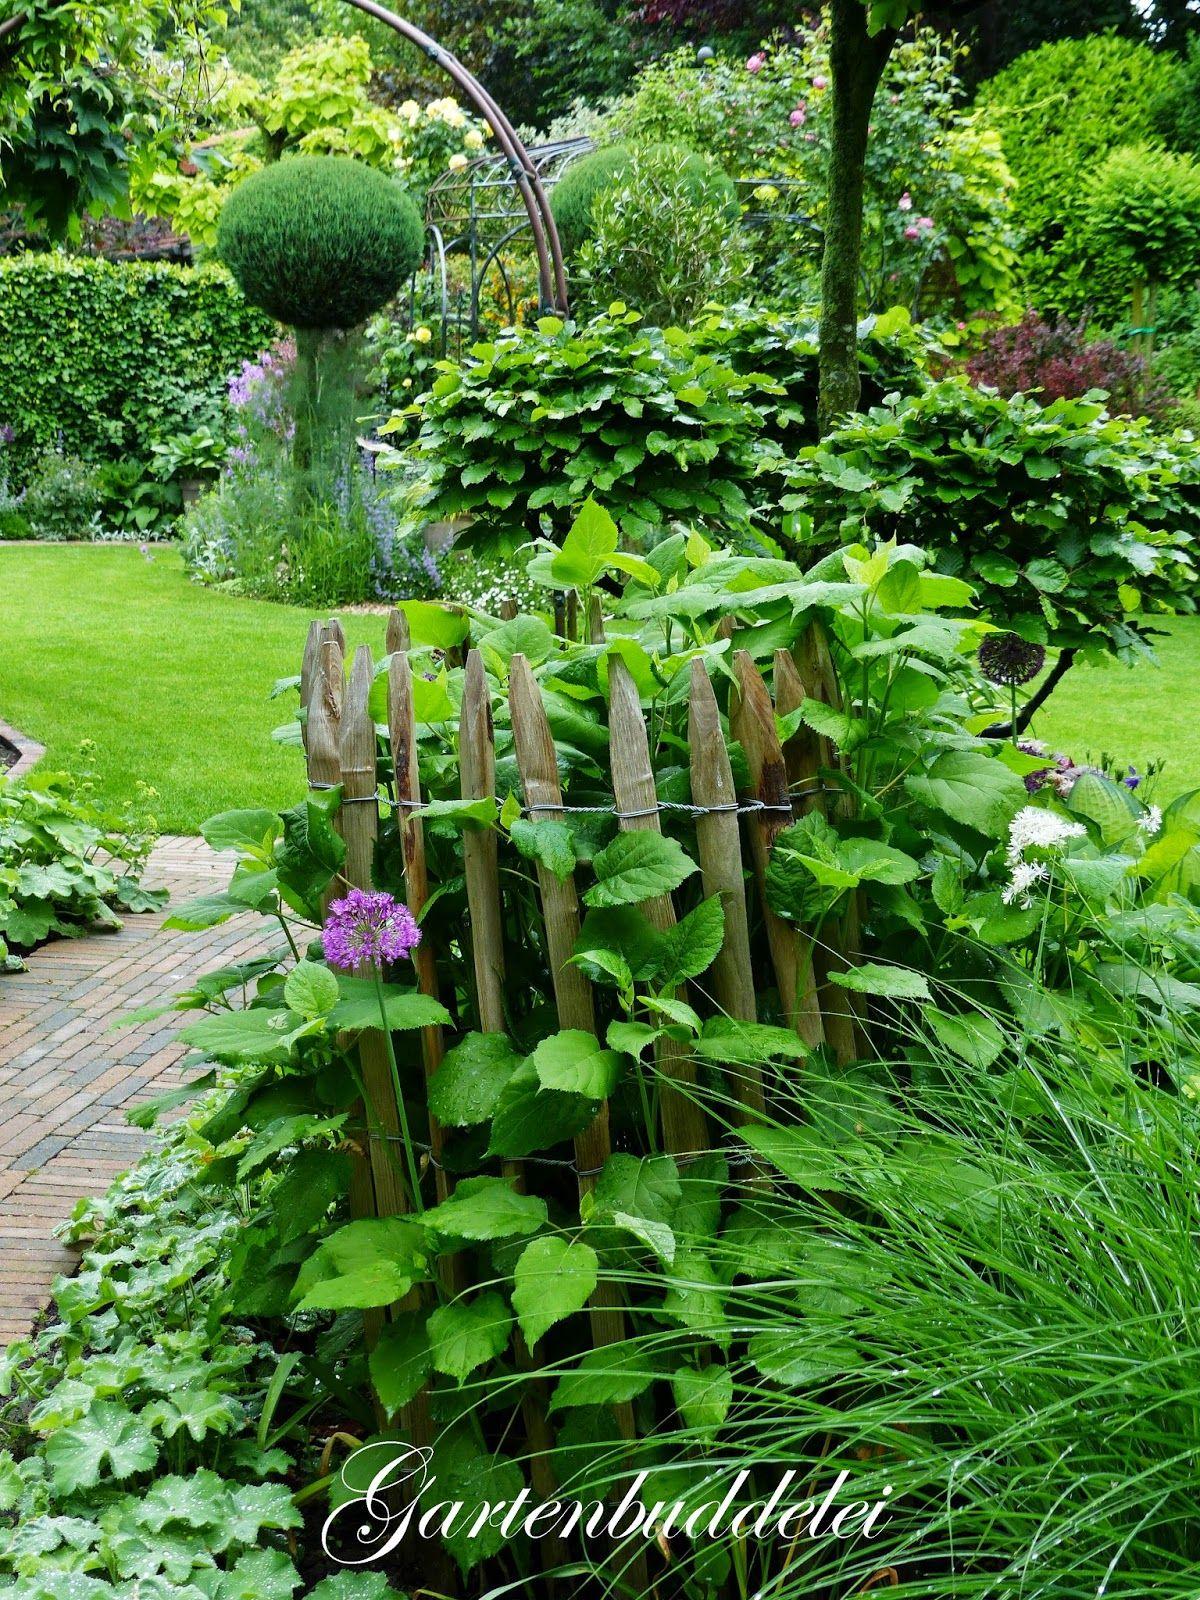 Gartenbuddelei Haveideer Havedesign